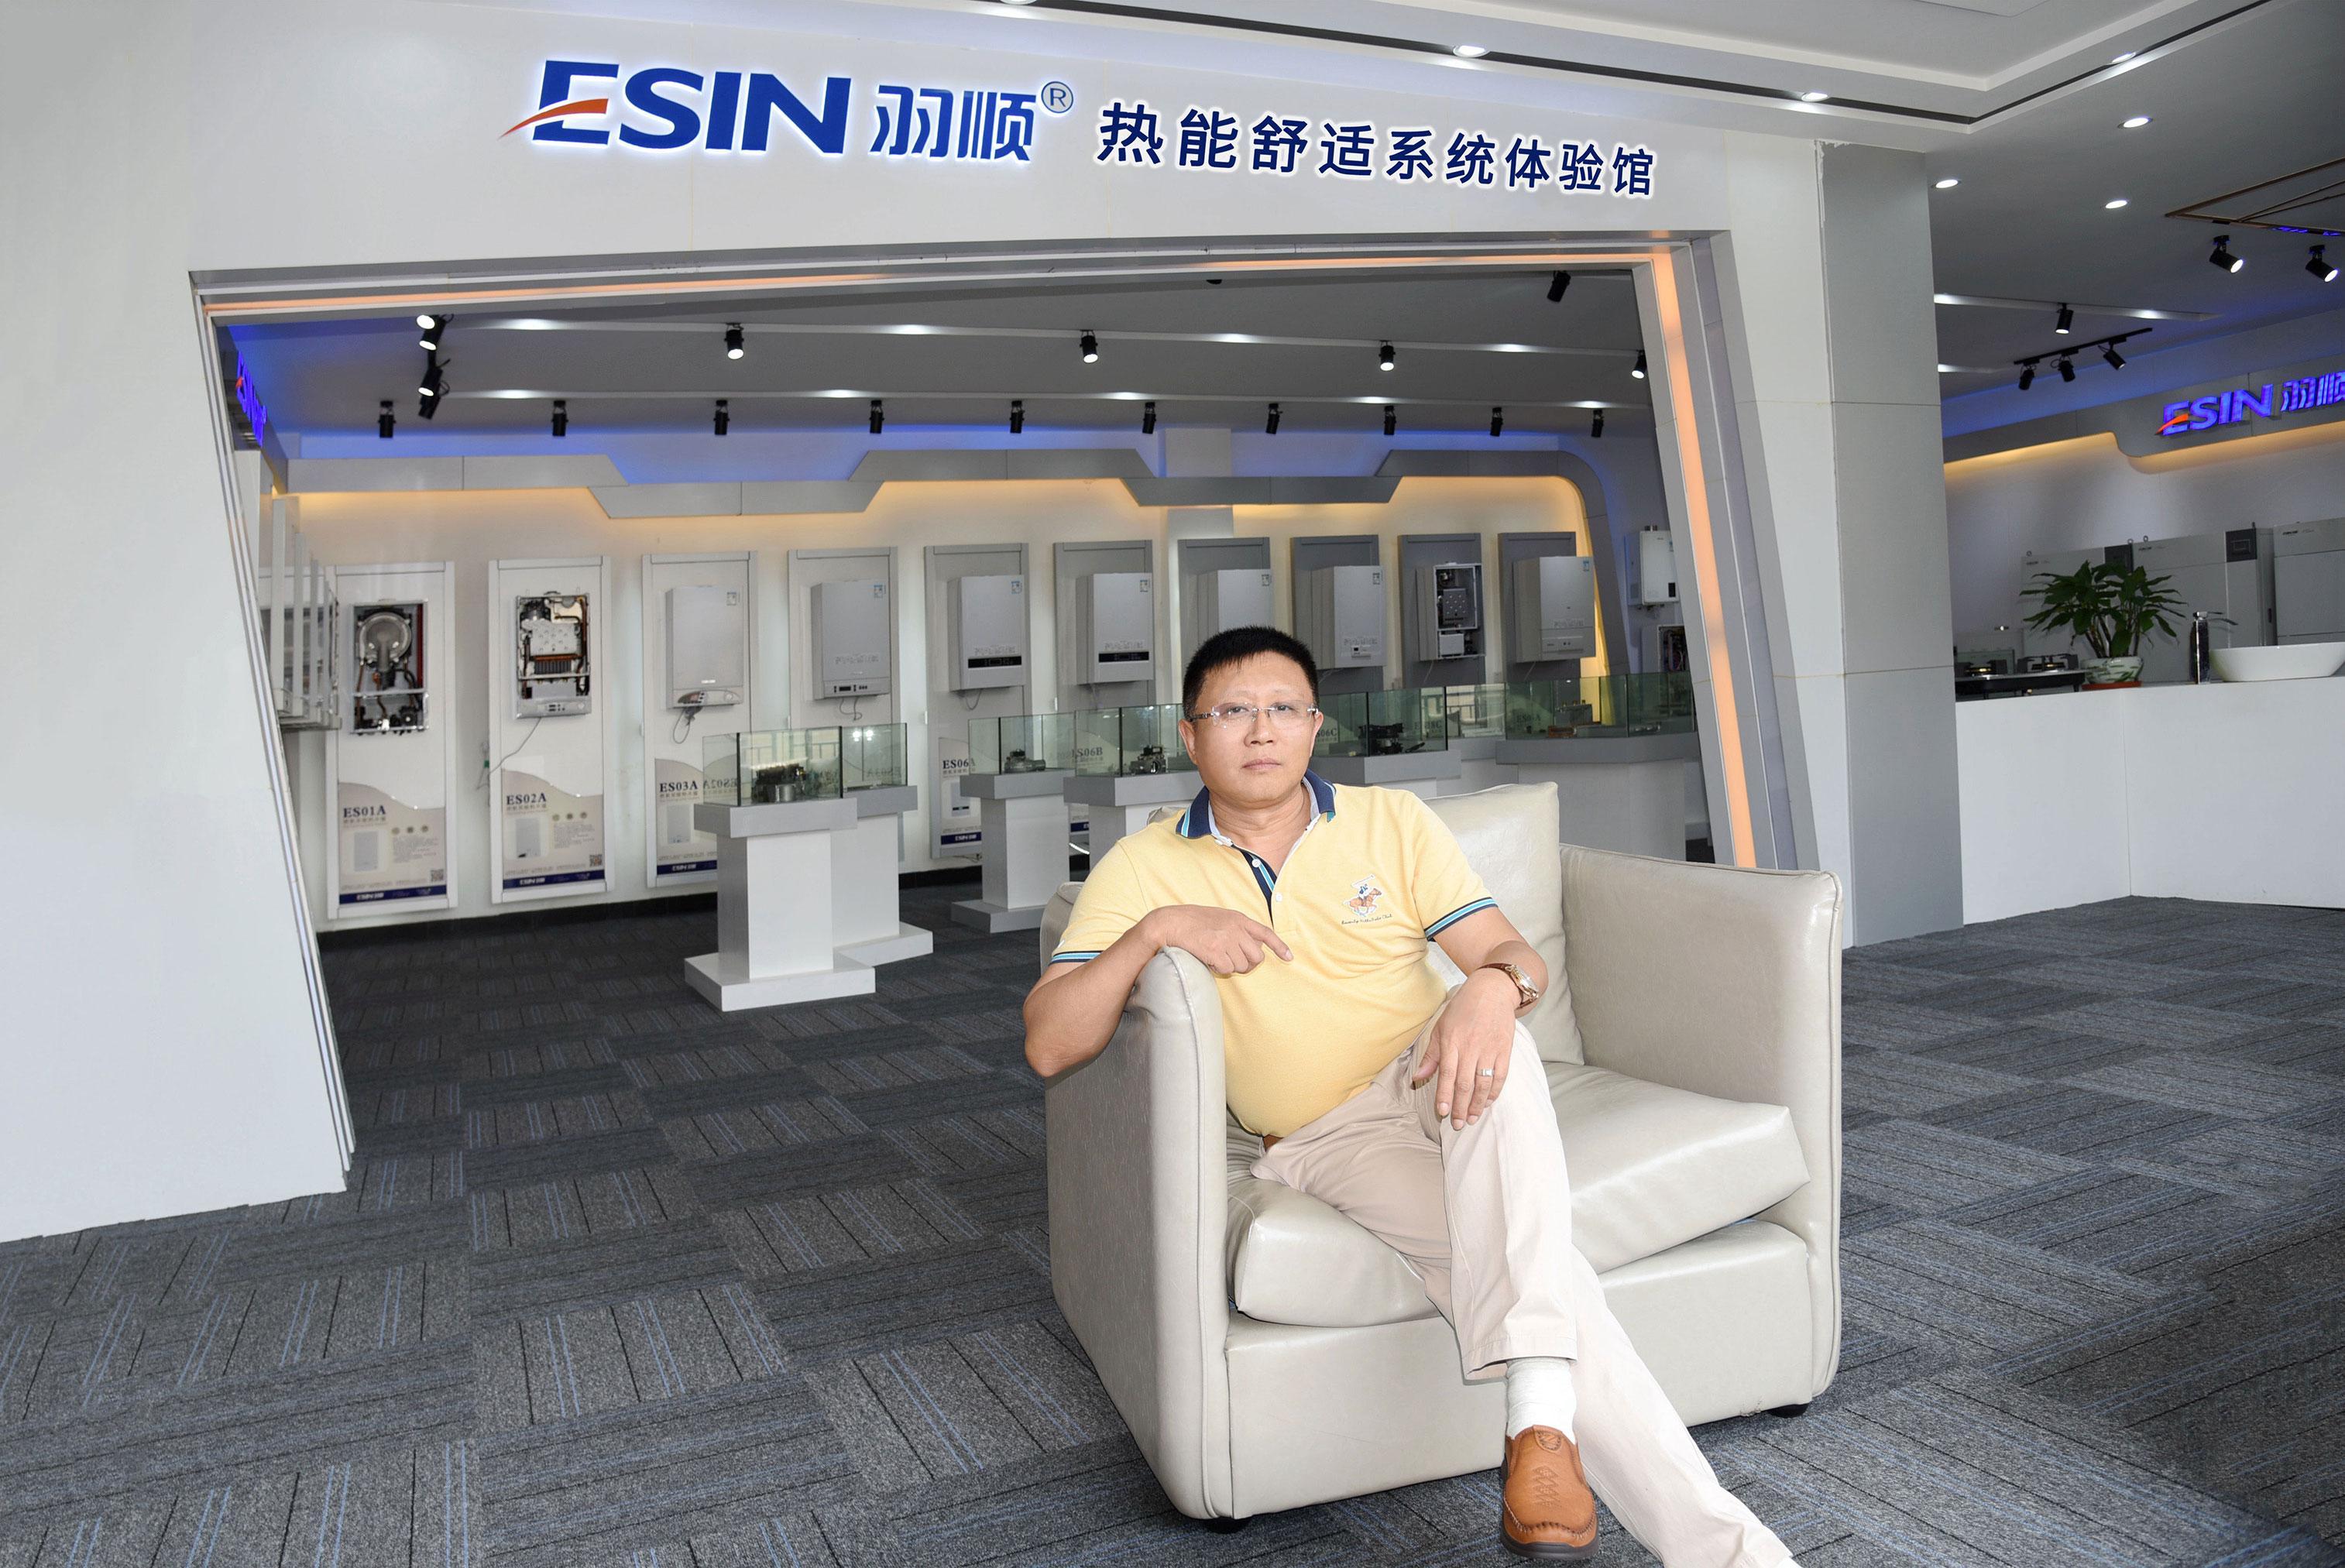 慧聪暖通专访丨羽顺薛江:雏鹰展翅 羽顺新五年计划启航